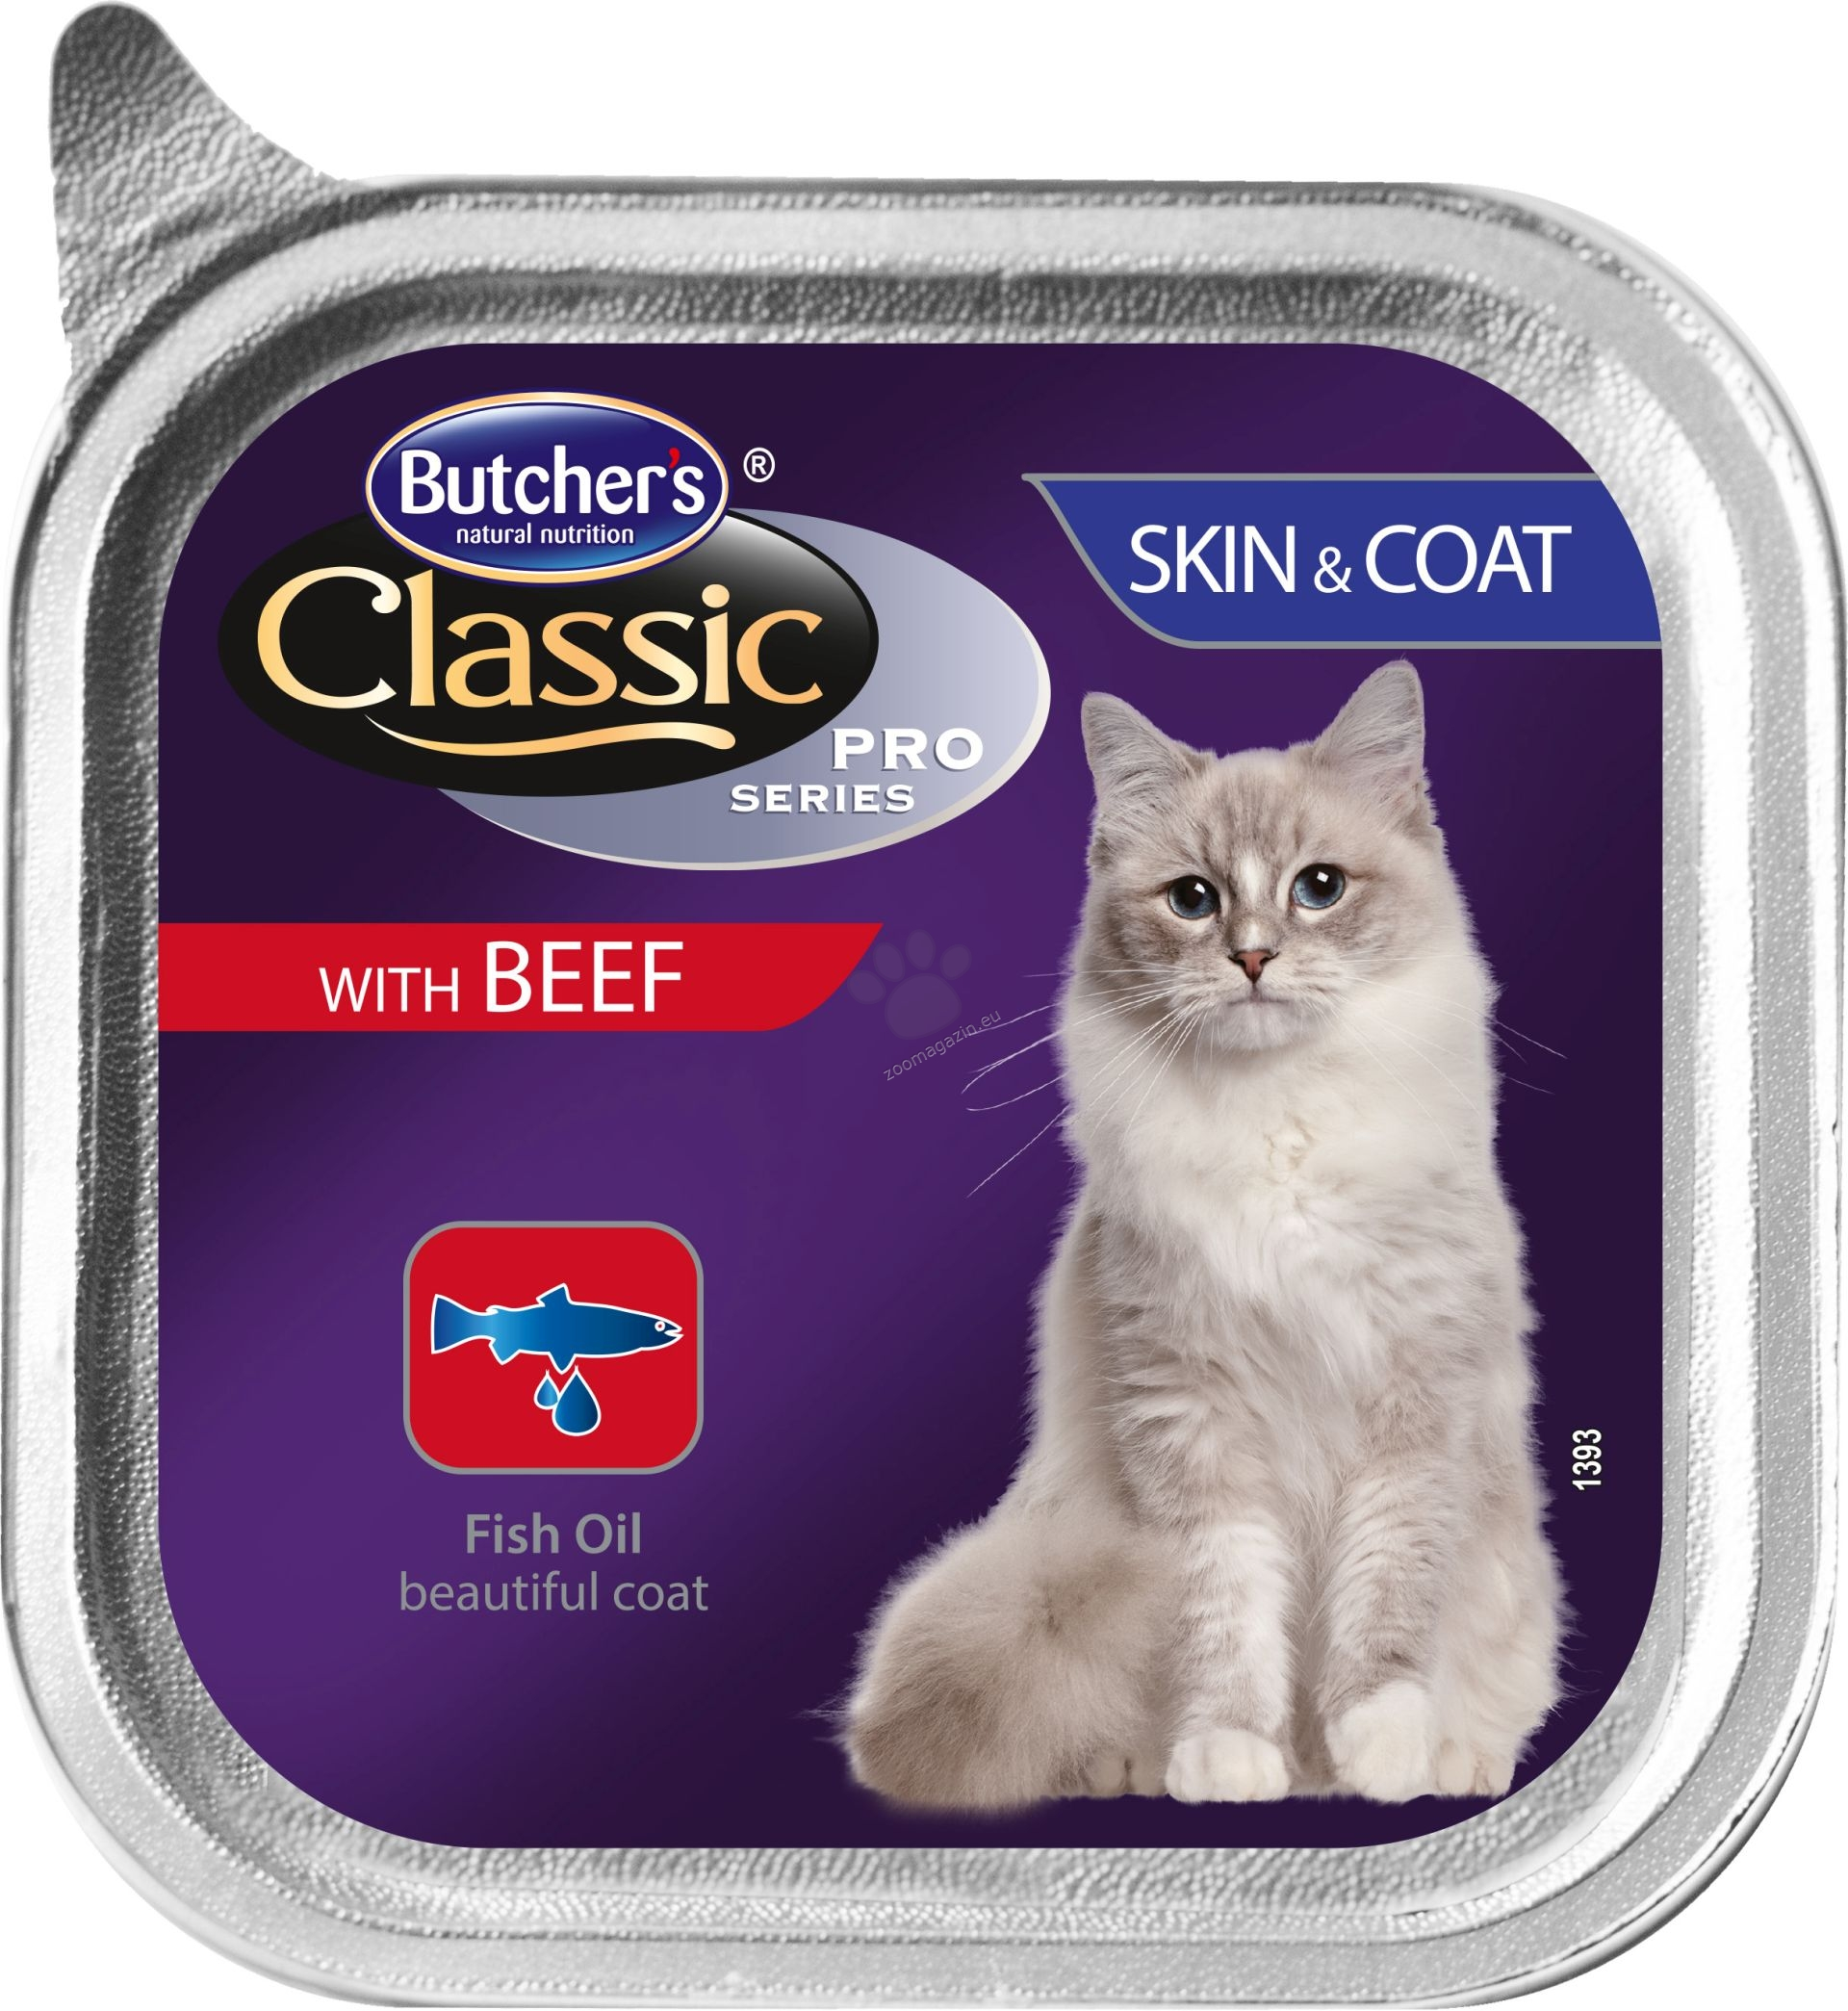 Butchers - Classic Pro Series Skin & Coat with beef pate - храна за котки с говеждо месо за здрава кожа и красива козина, 100 гр. /пастет/